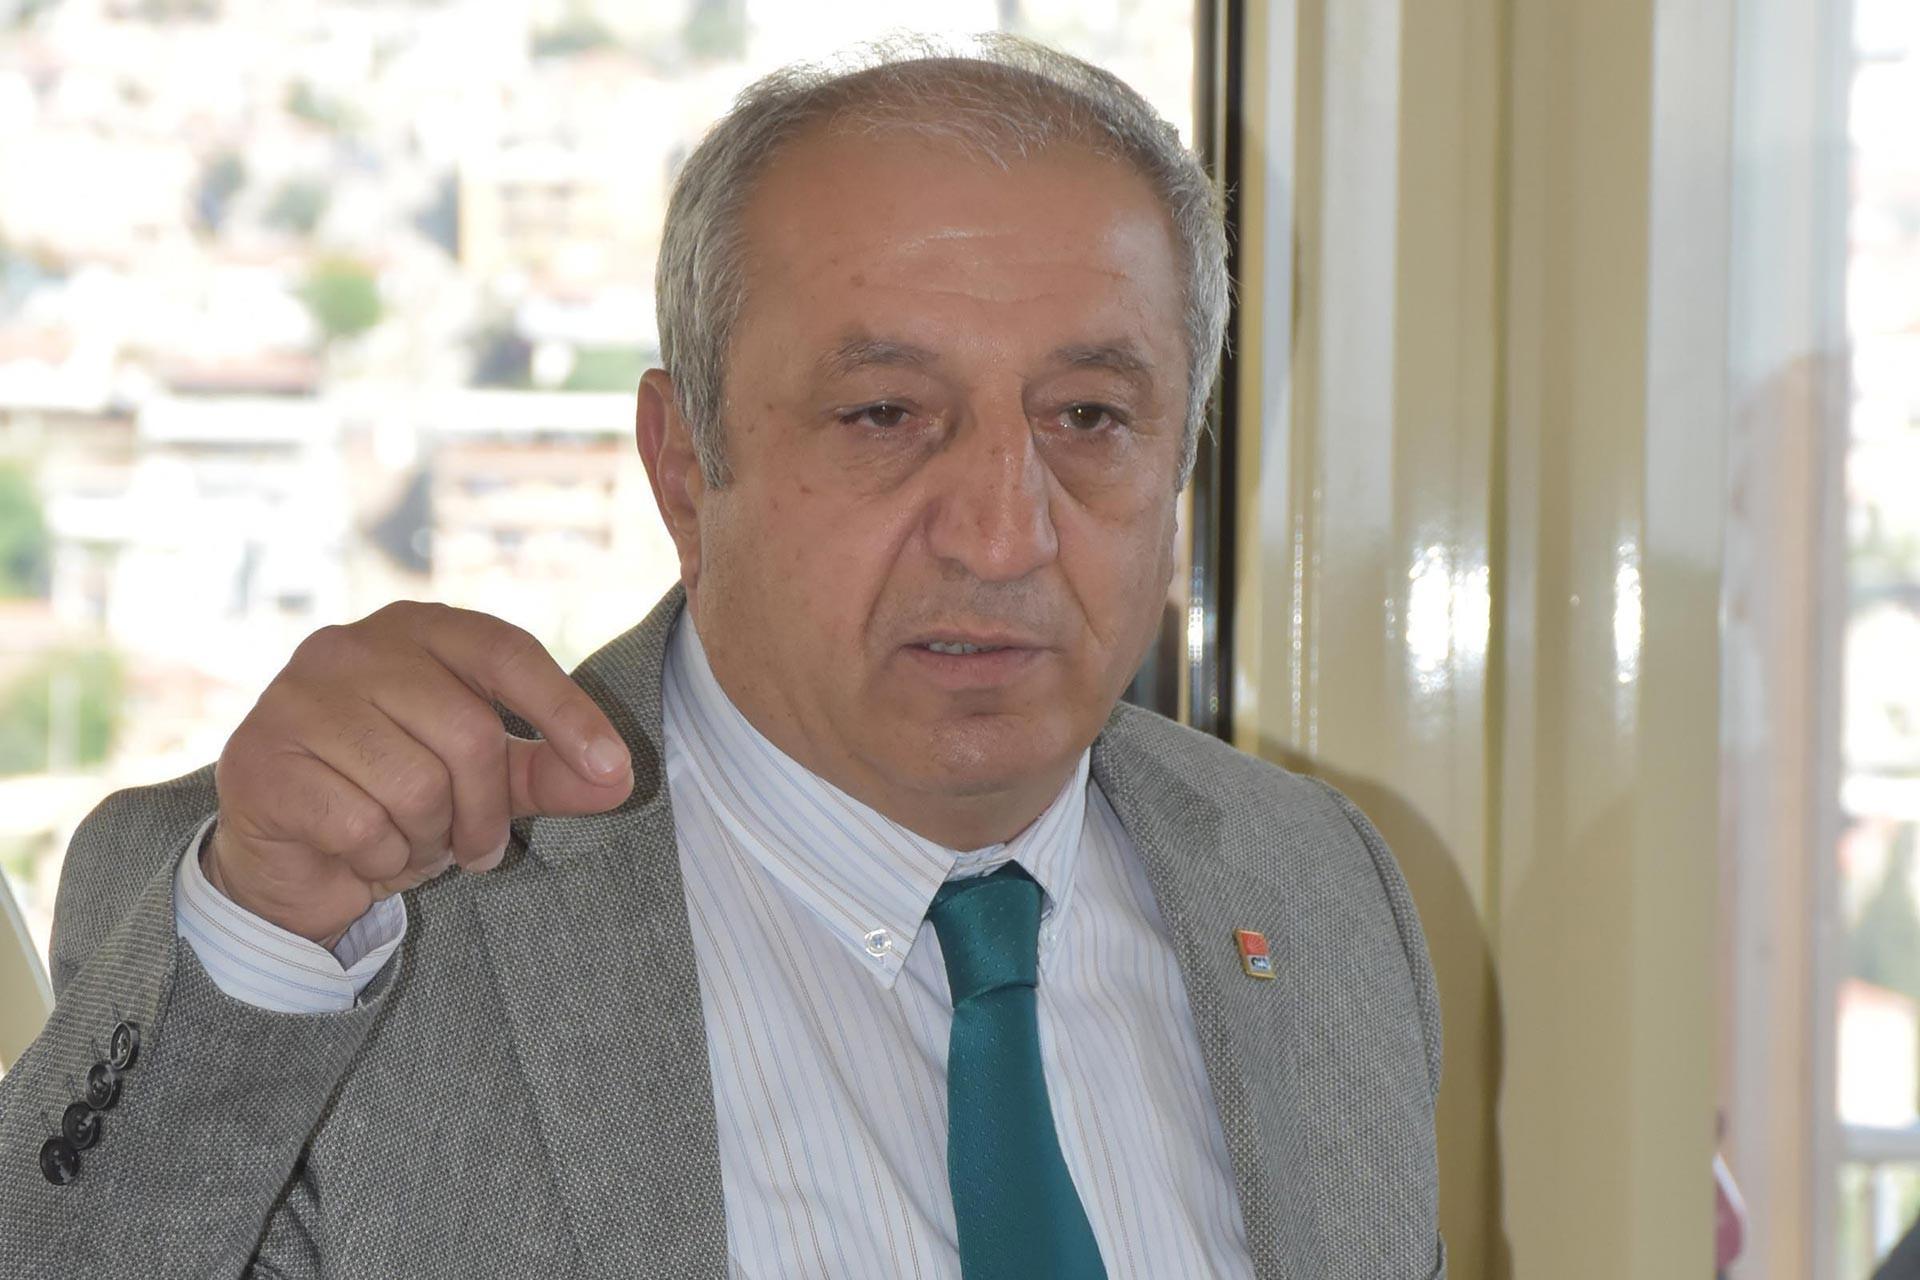 Çiğli Belediye Başkan Yardımcısı Ali Rıza Koçer